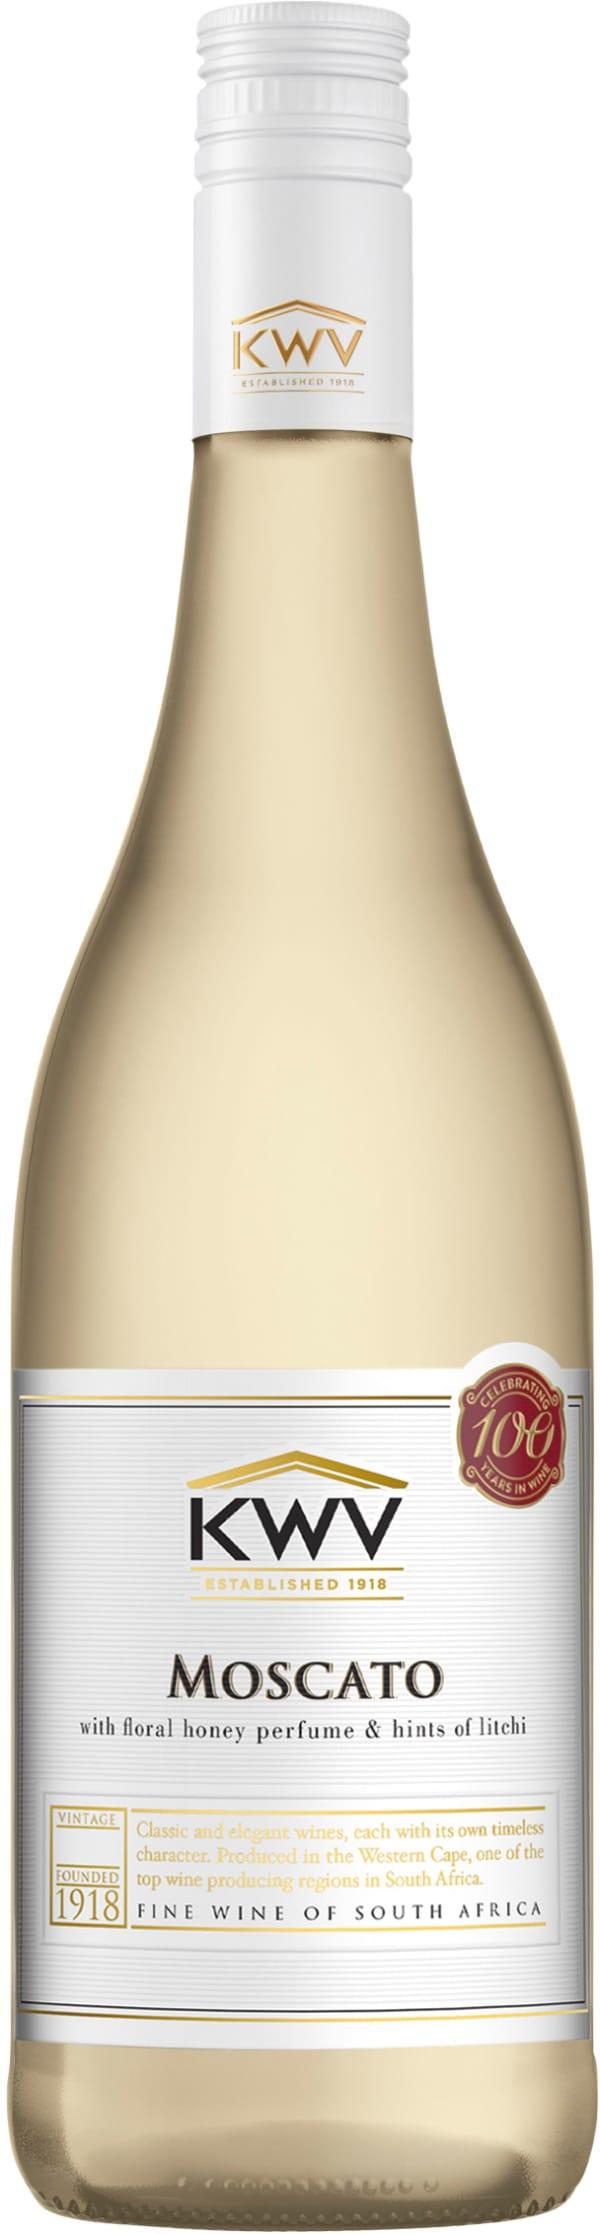 KWV Moscato 2017